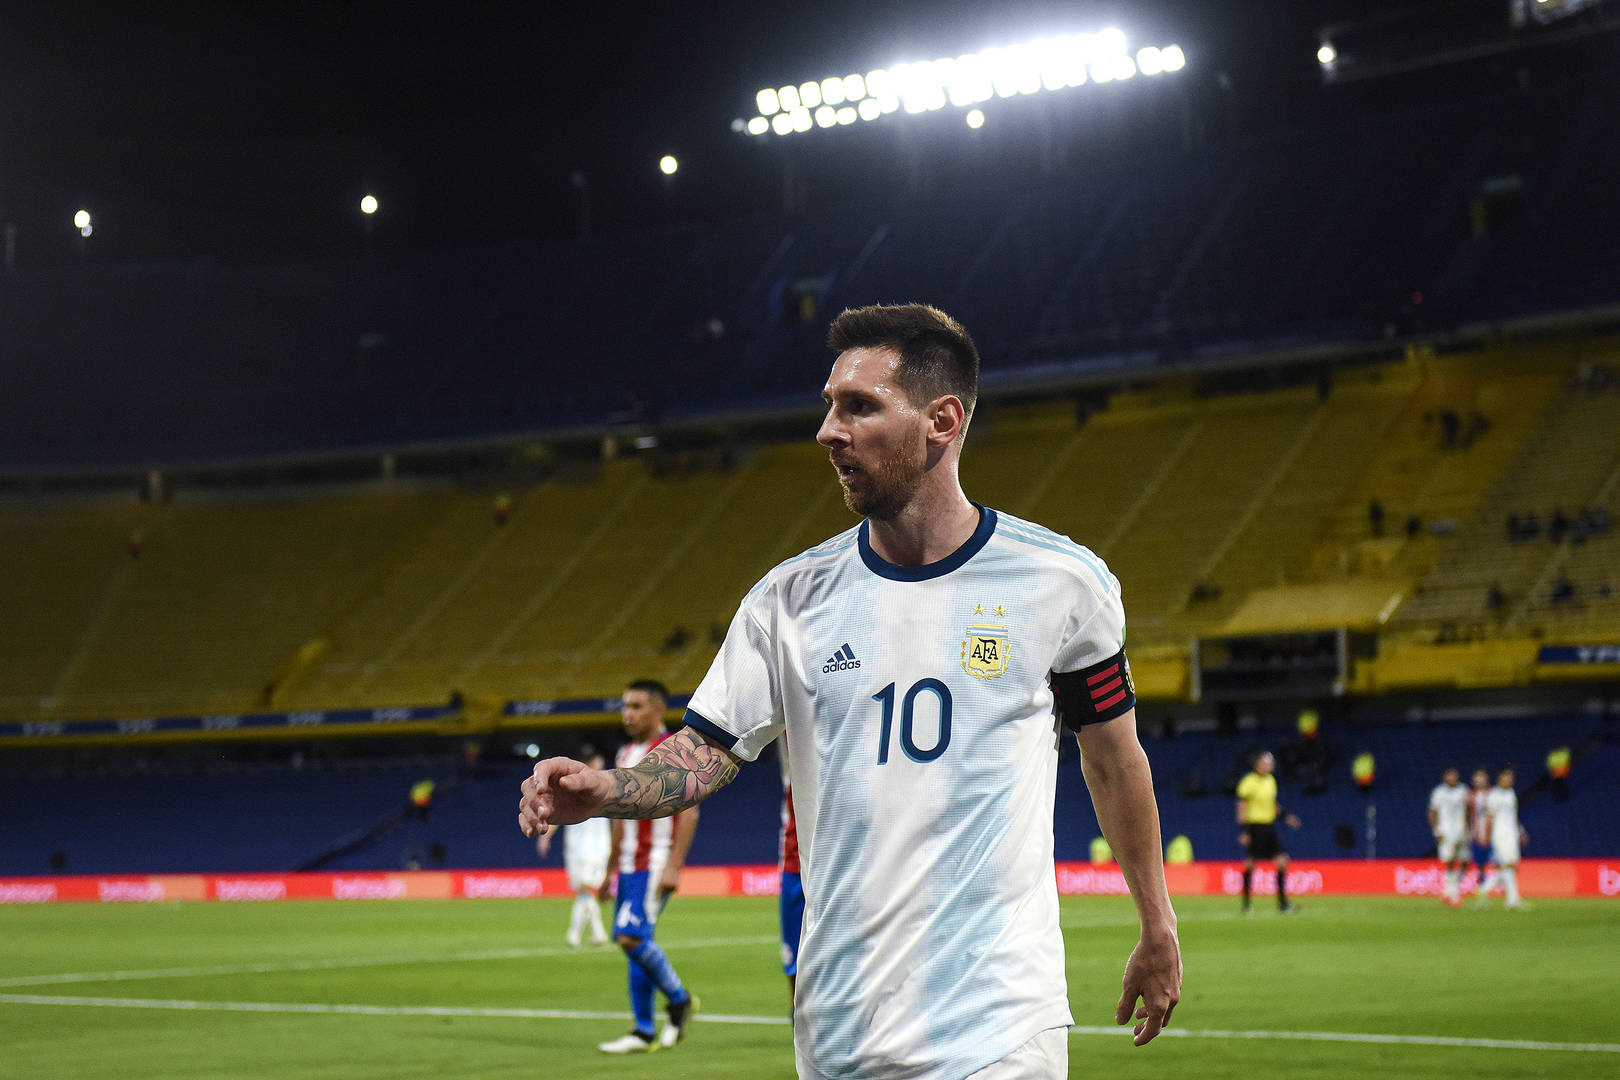 Lionel Messi, MLS